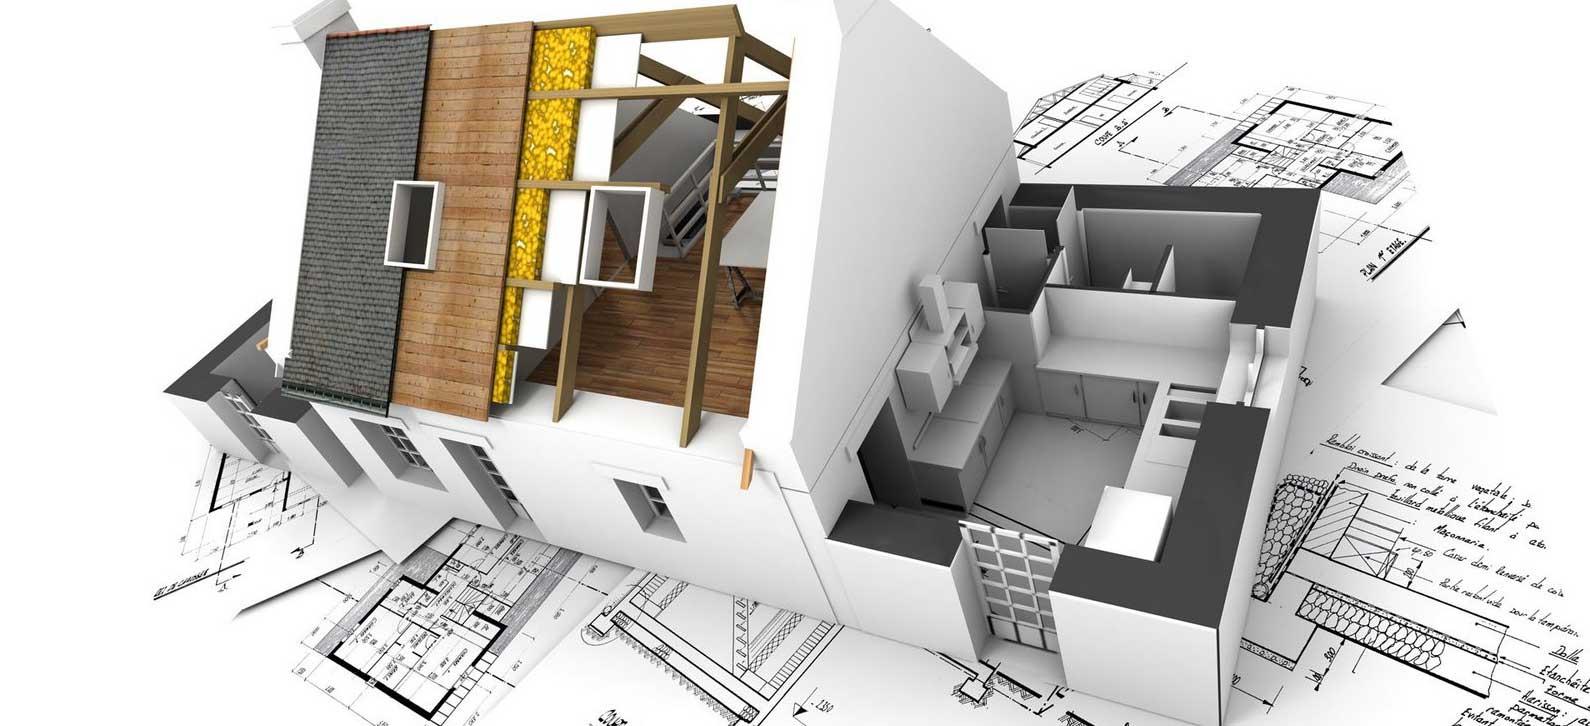 Ketahui Beberapa Persiapan Membangun Rumah Sendiri